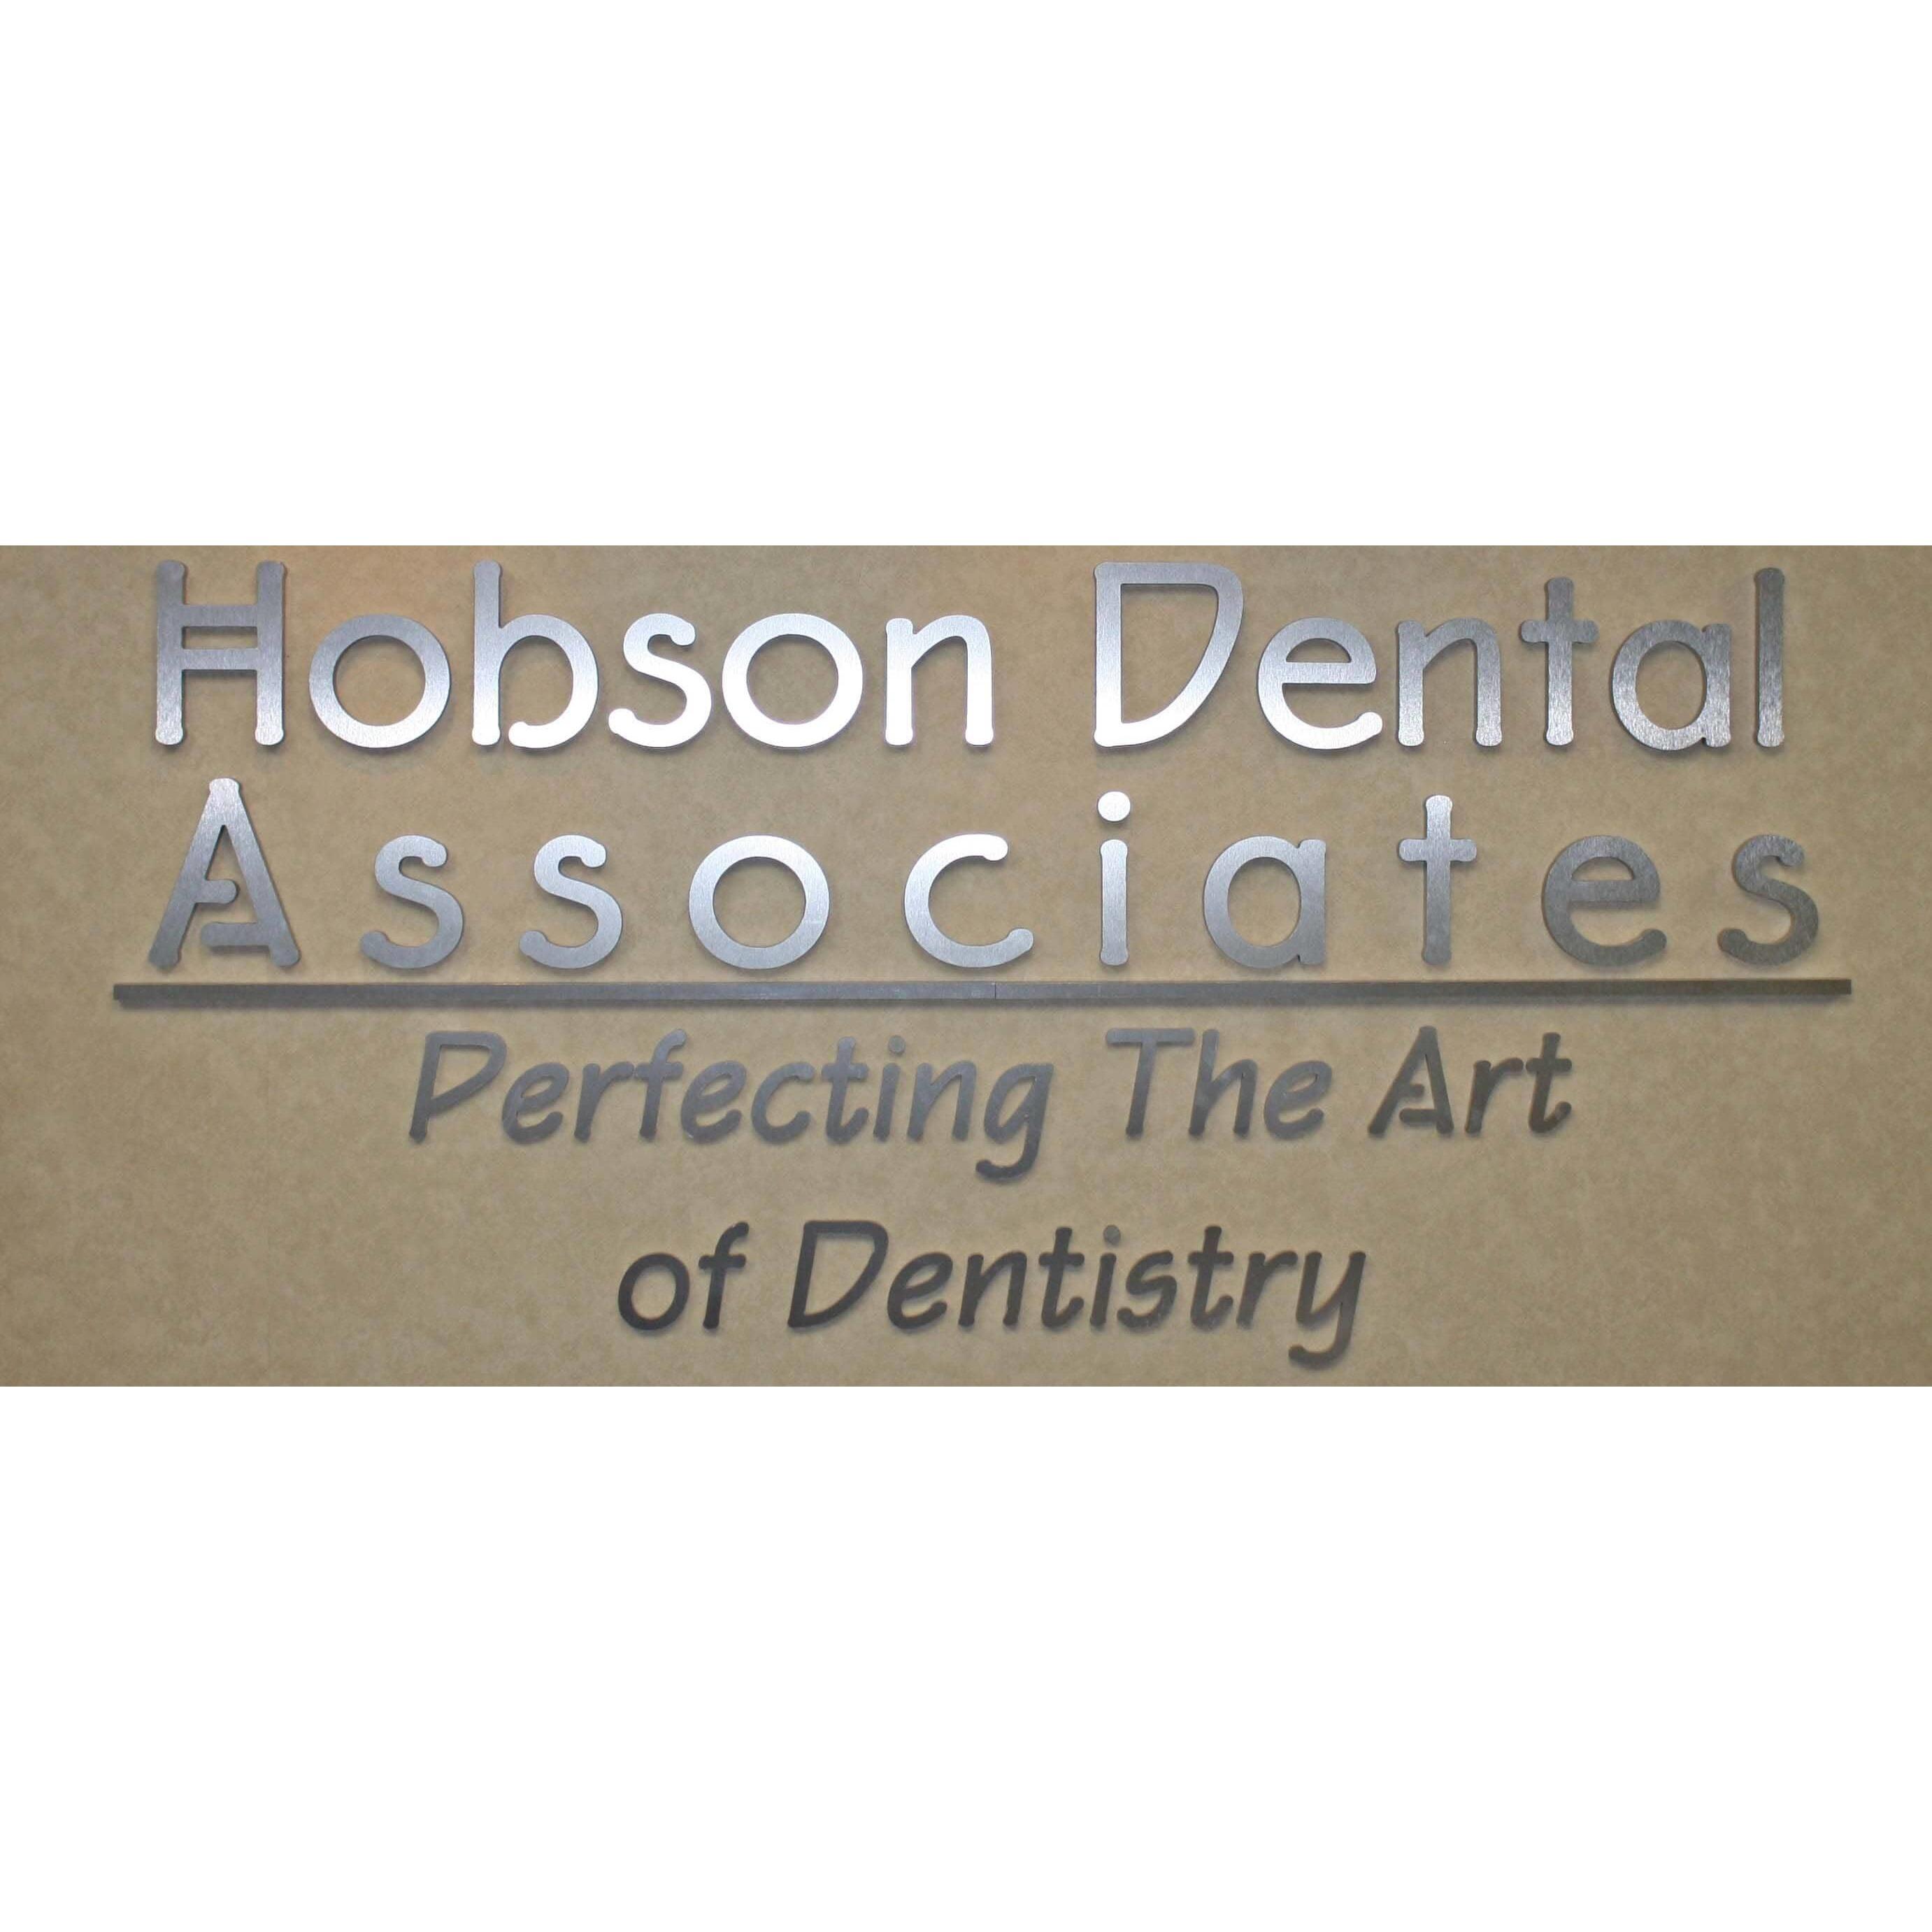 Hobson Dental Associates D.D.S. - Woodridge, IL 60517 - (630)810-1199 | ShowMeLocal.com